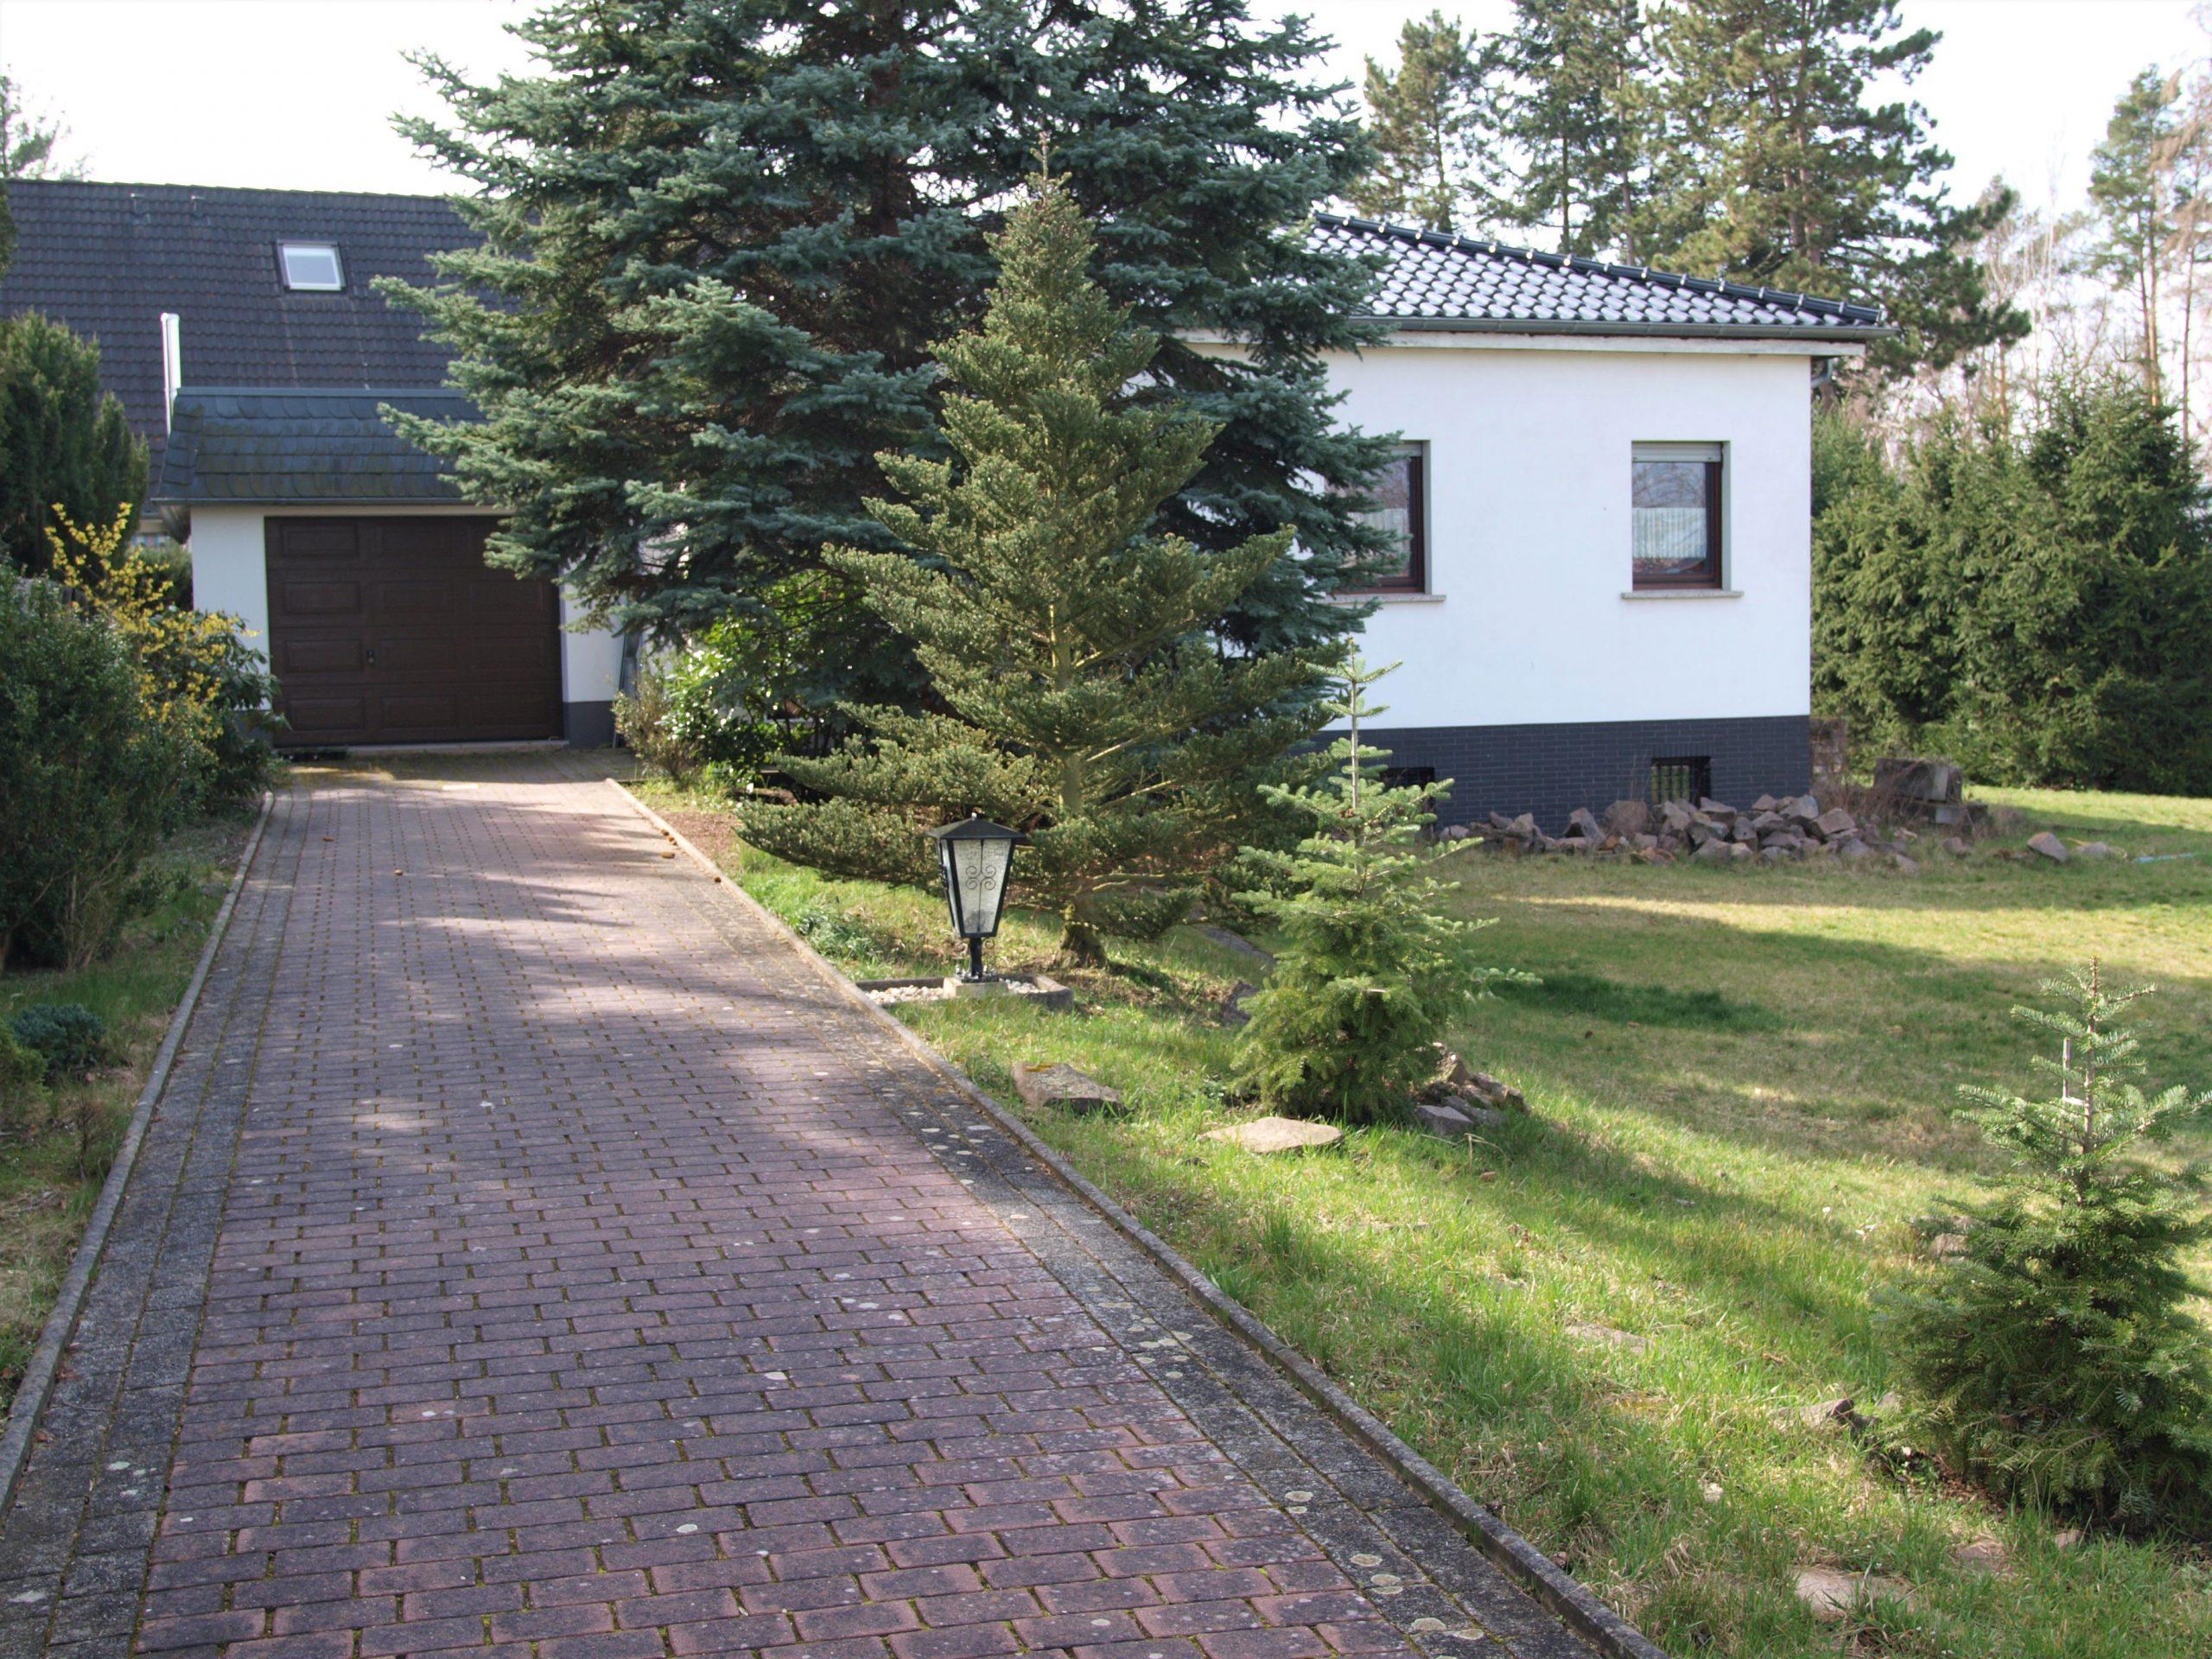 Einfamilienhaus Kröllwitz - Zufahrt mit Blick auf Haus und Garage